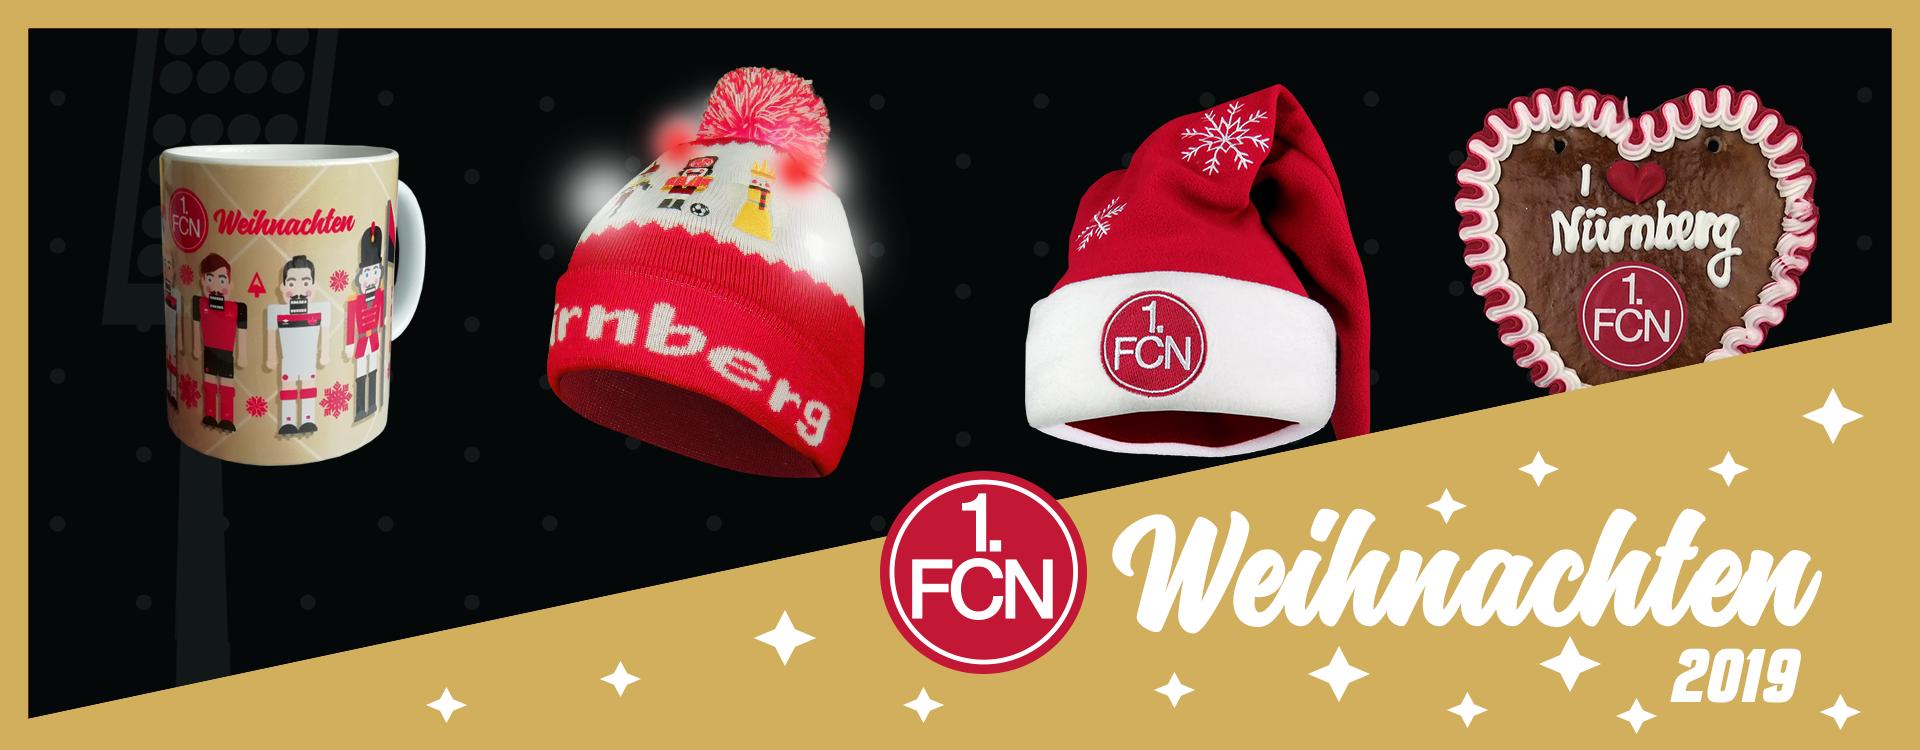 1. FC Nürnberg: fcn.de/shop Der Onlineshop des 1. FC Nürnberg